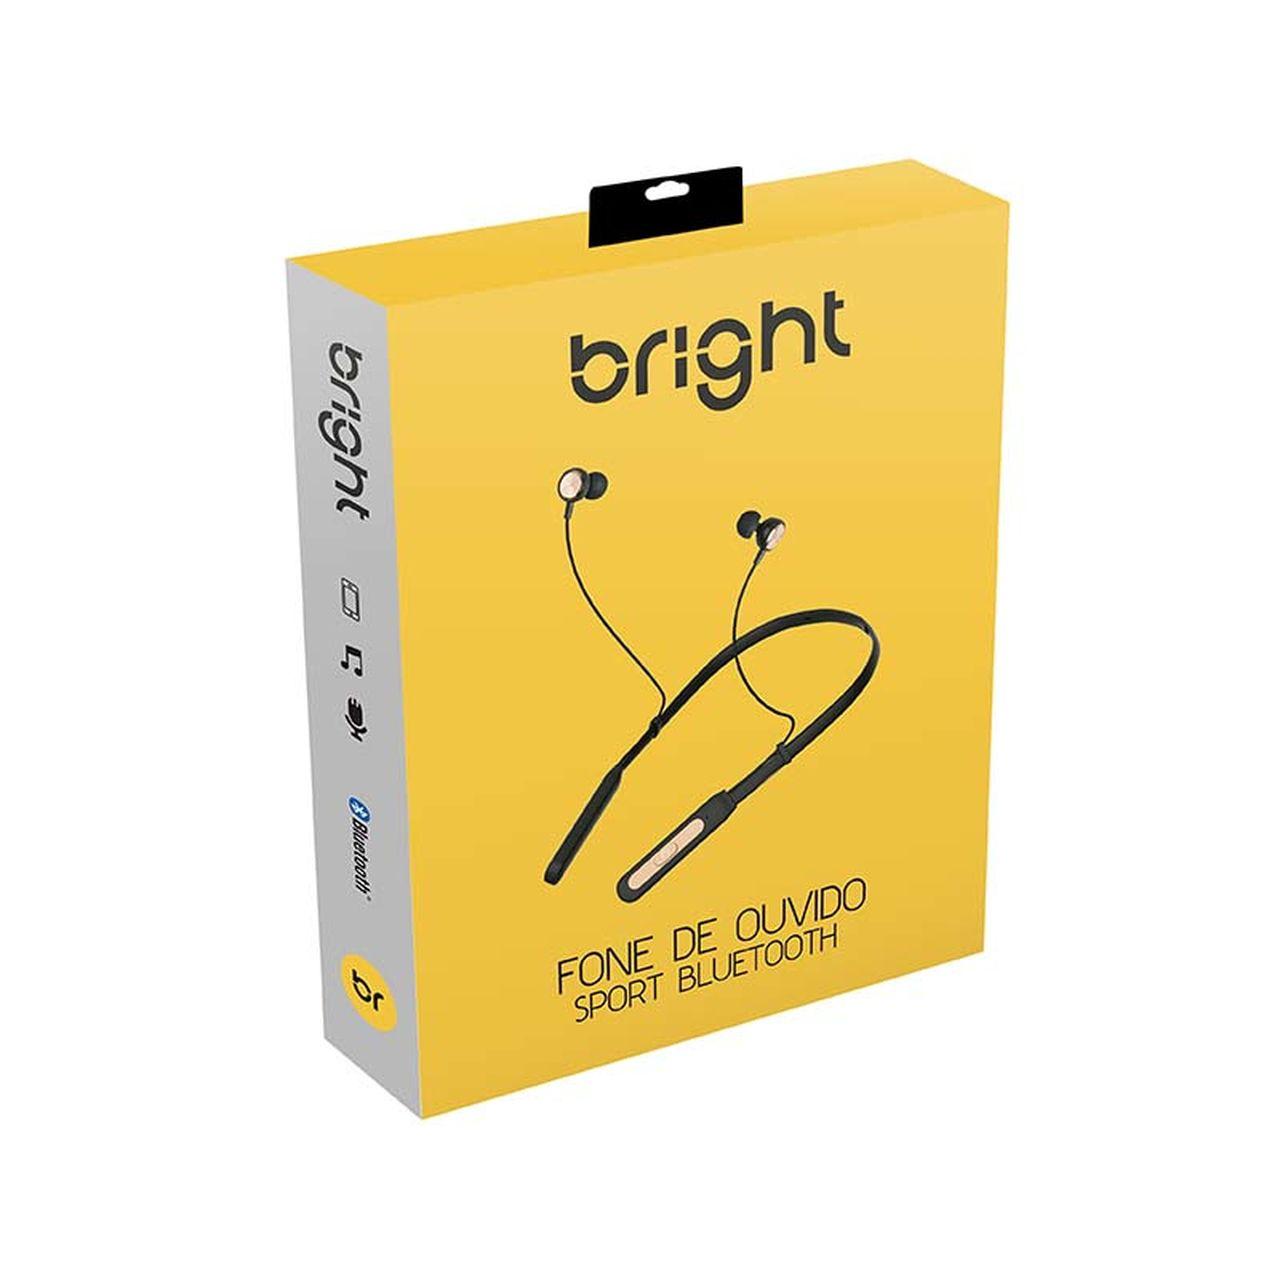 Fone de Ouvido Sem Fio Bluetooth Sport Bright 510 Preto